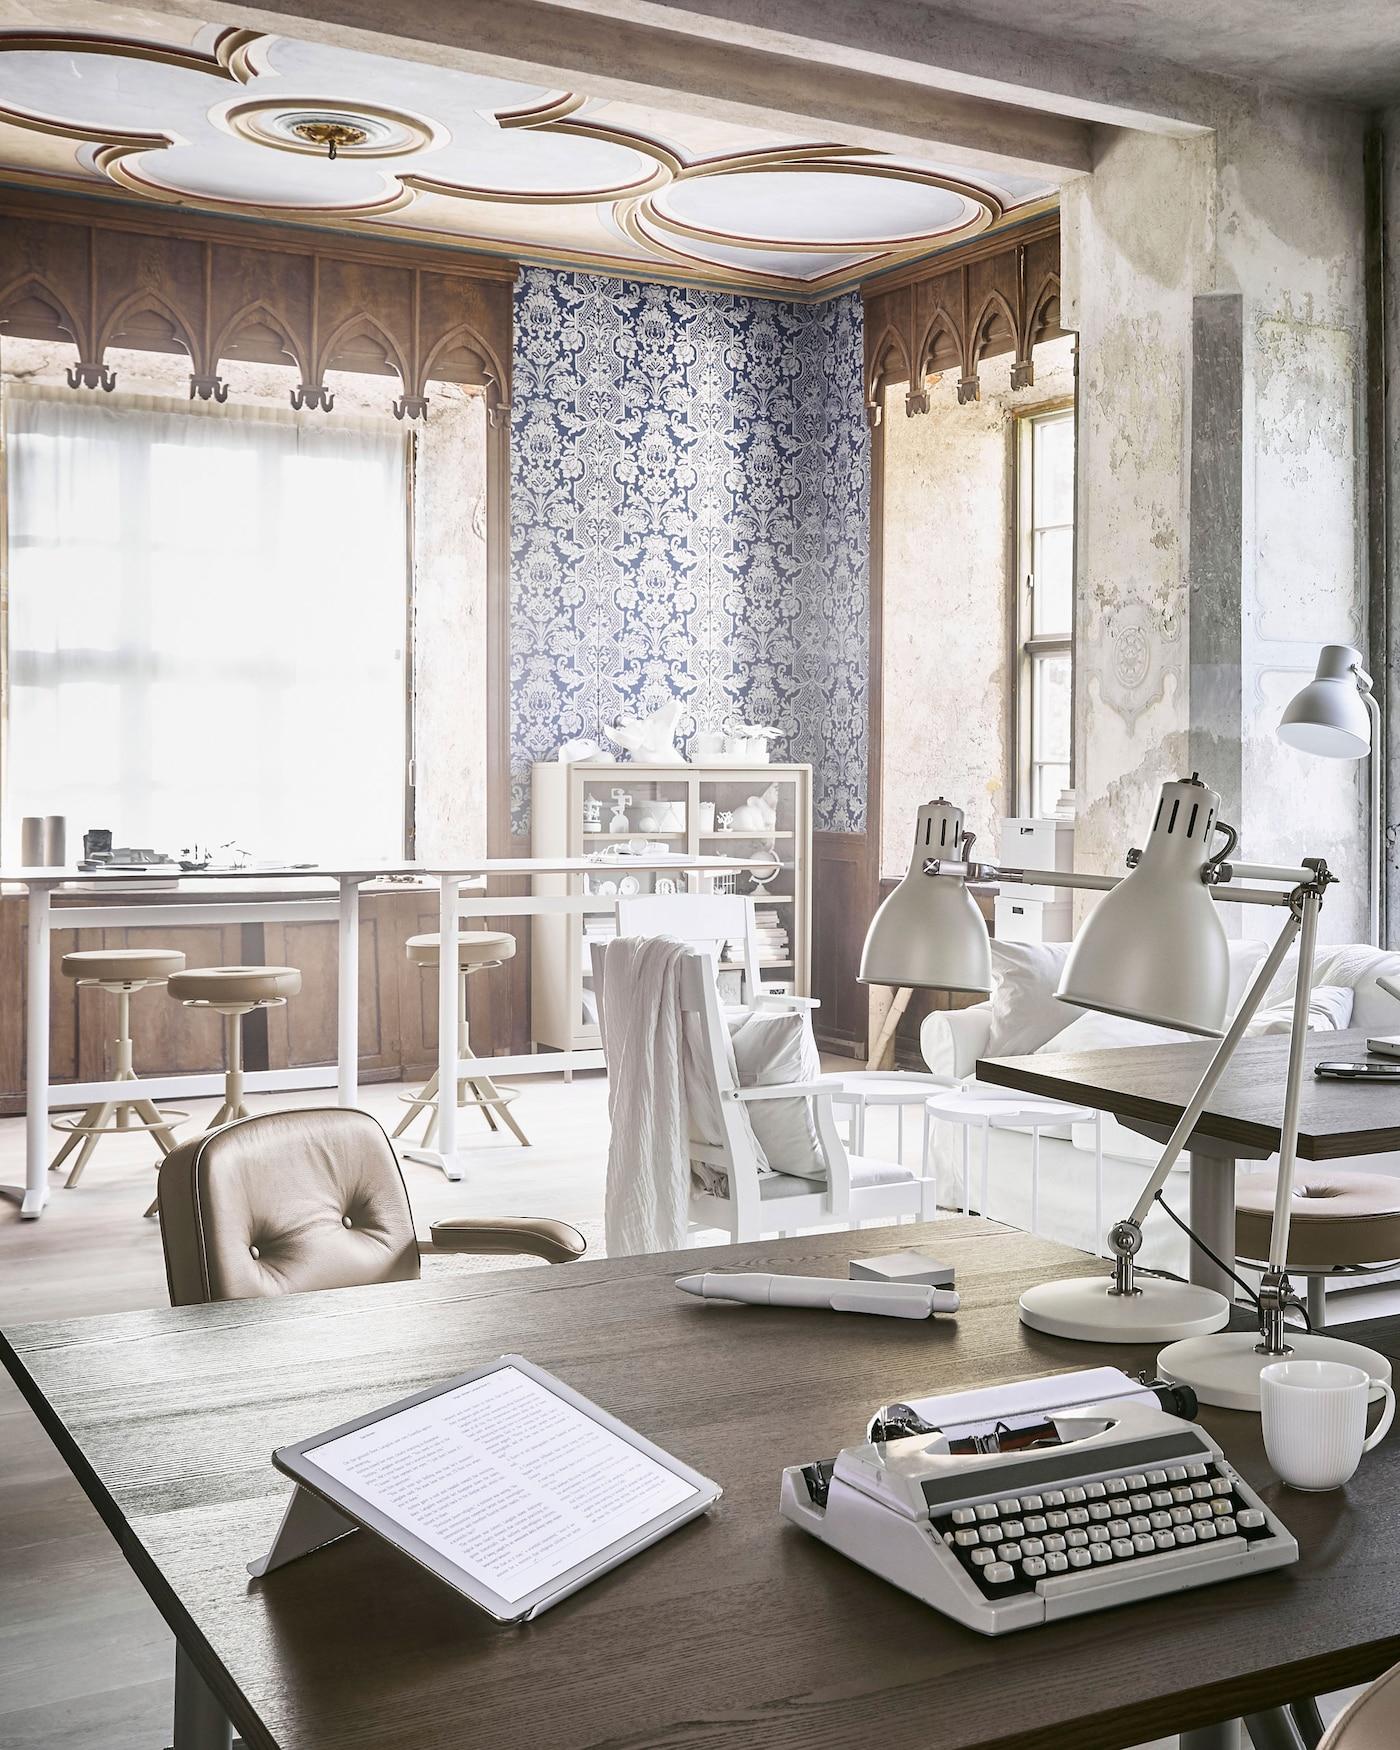 Mit IDÅSEN Schreibtisch von IKEA lässt sich die Arbeitsposition leicht von Sitzen nach Stehen verlegen. Der Tisch ist passend zu aktuellen Trends in Braun und Beige erhältlich. Die Höhe des Tisches lässt sich übrigens manuell oder über eine App steuern.